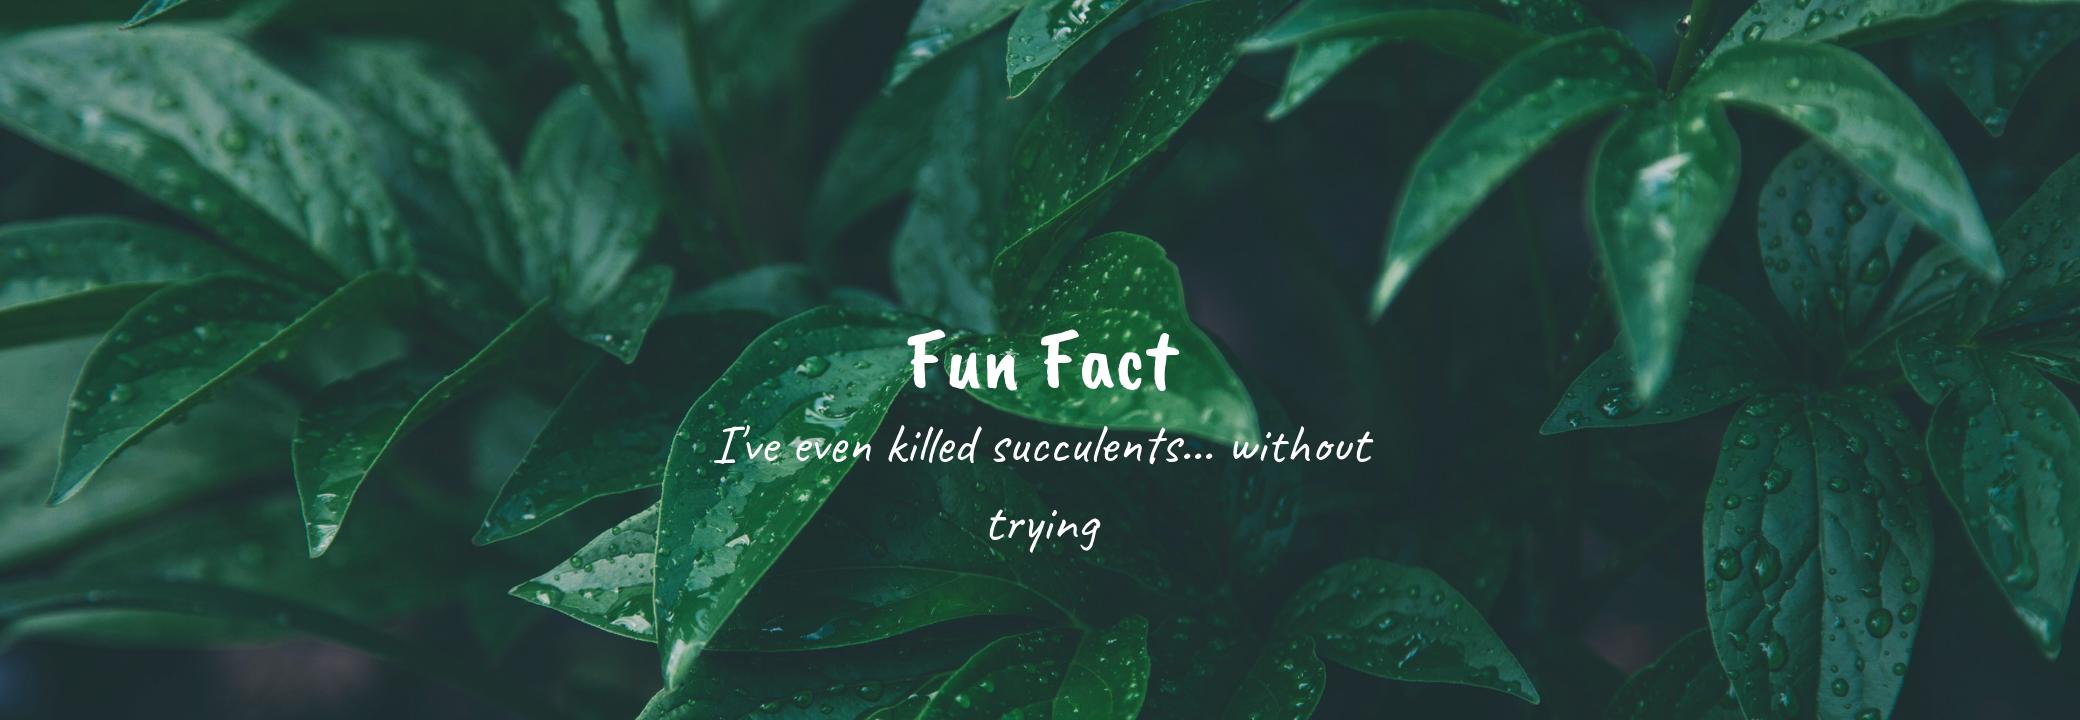 Fun Fact (2).png